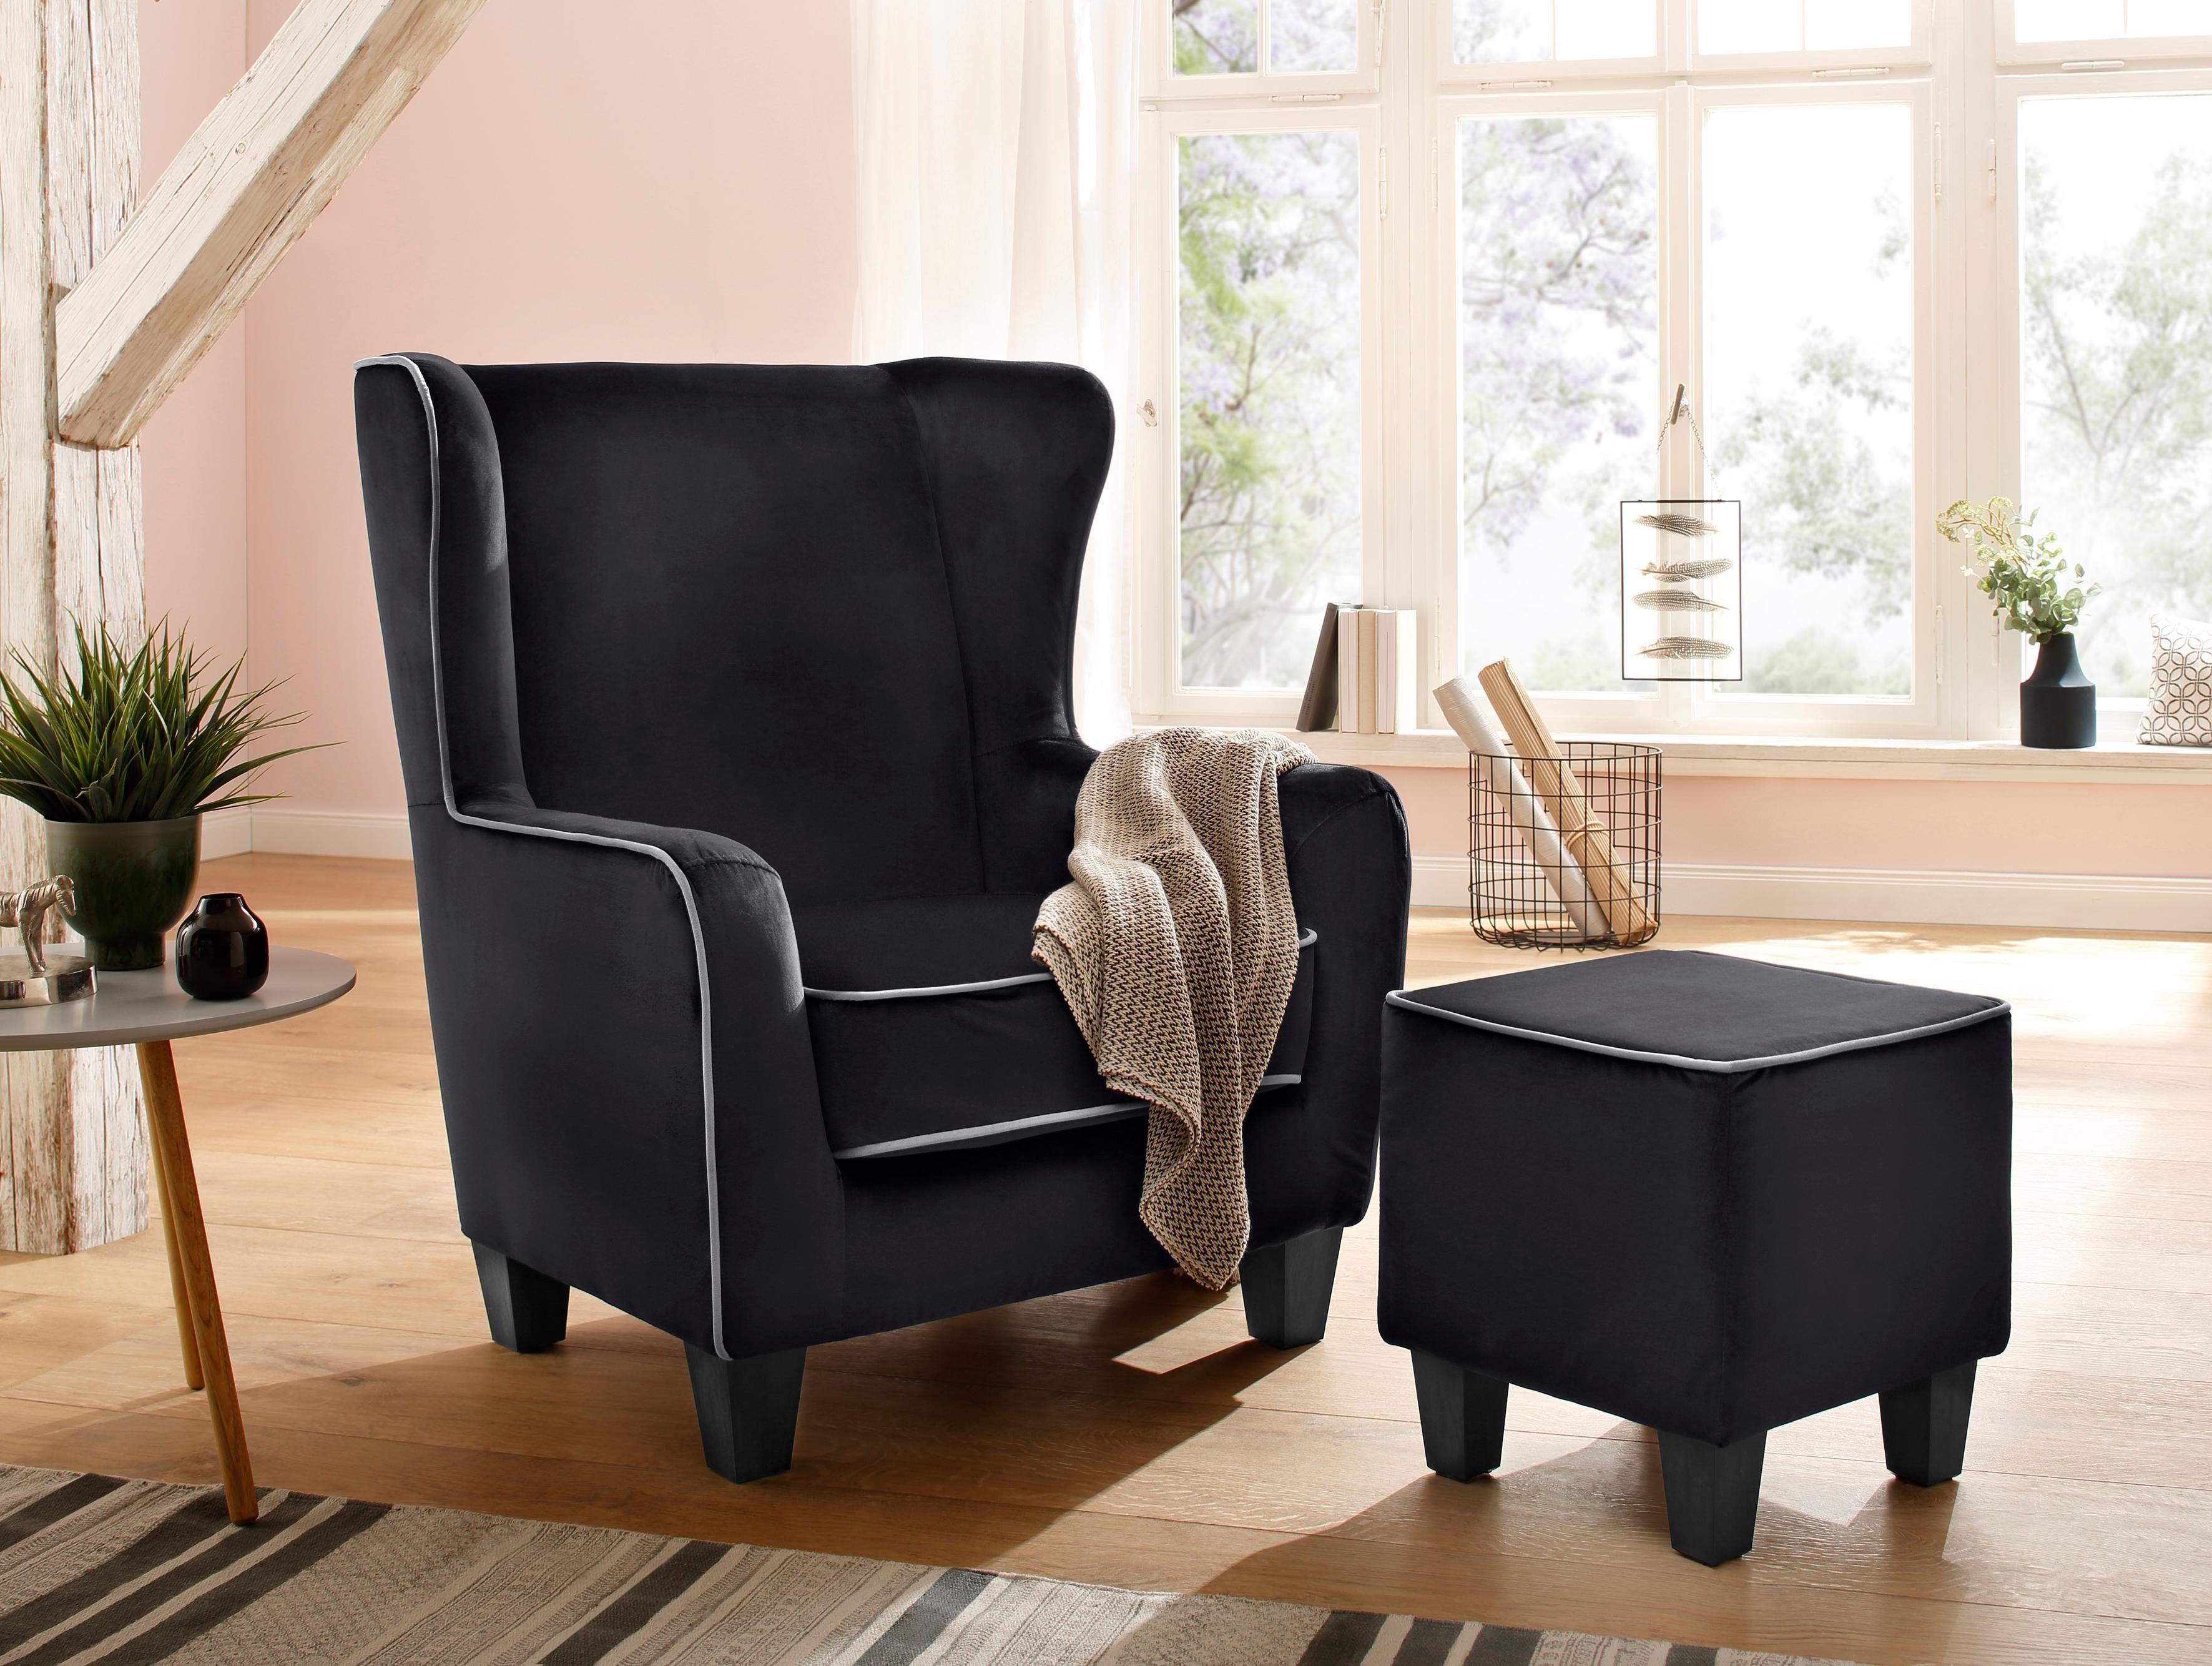 Relaxsessel Mit Hocker Leder Ohrensessel Mit Hocker Tchibo Hush Schlafsessel Kaufen Design Sessel Leder Gunstig Einzelsessel Sessel Haus Wohnen